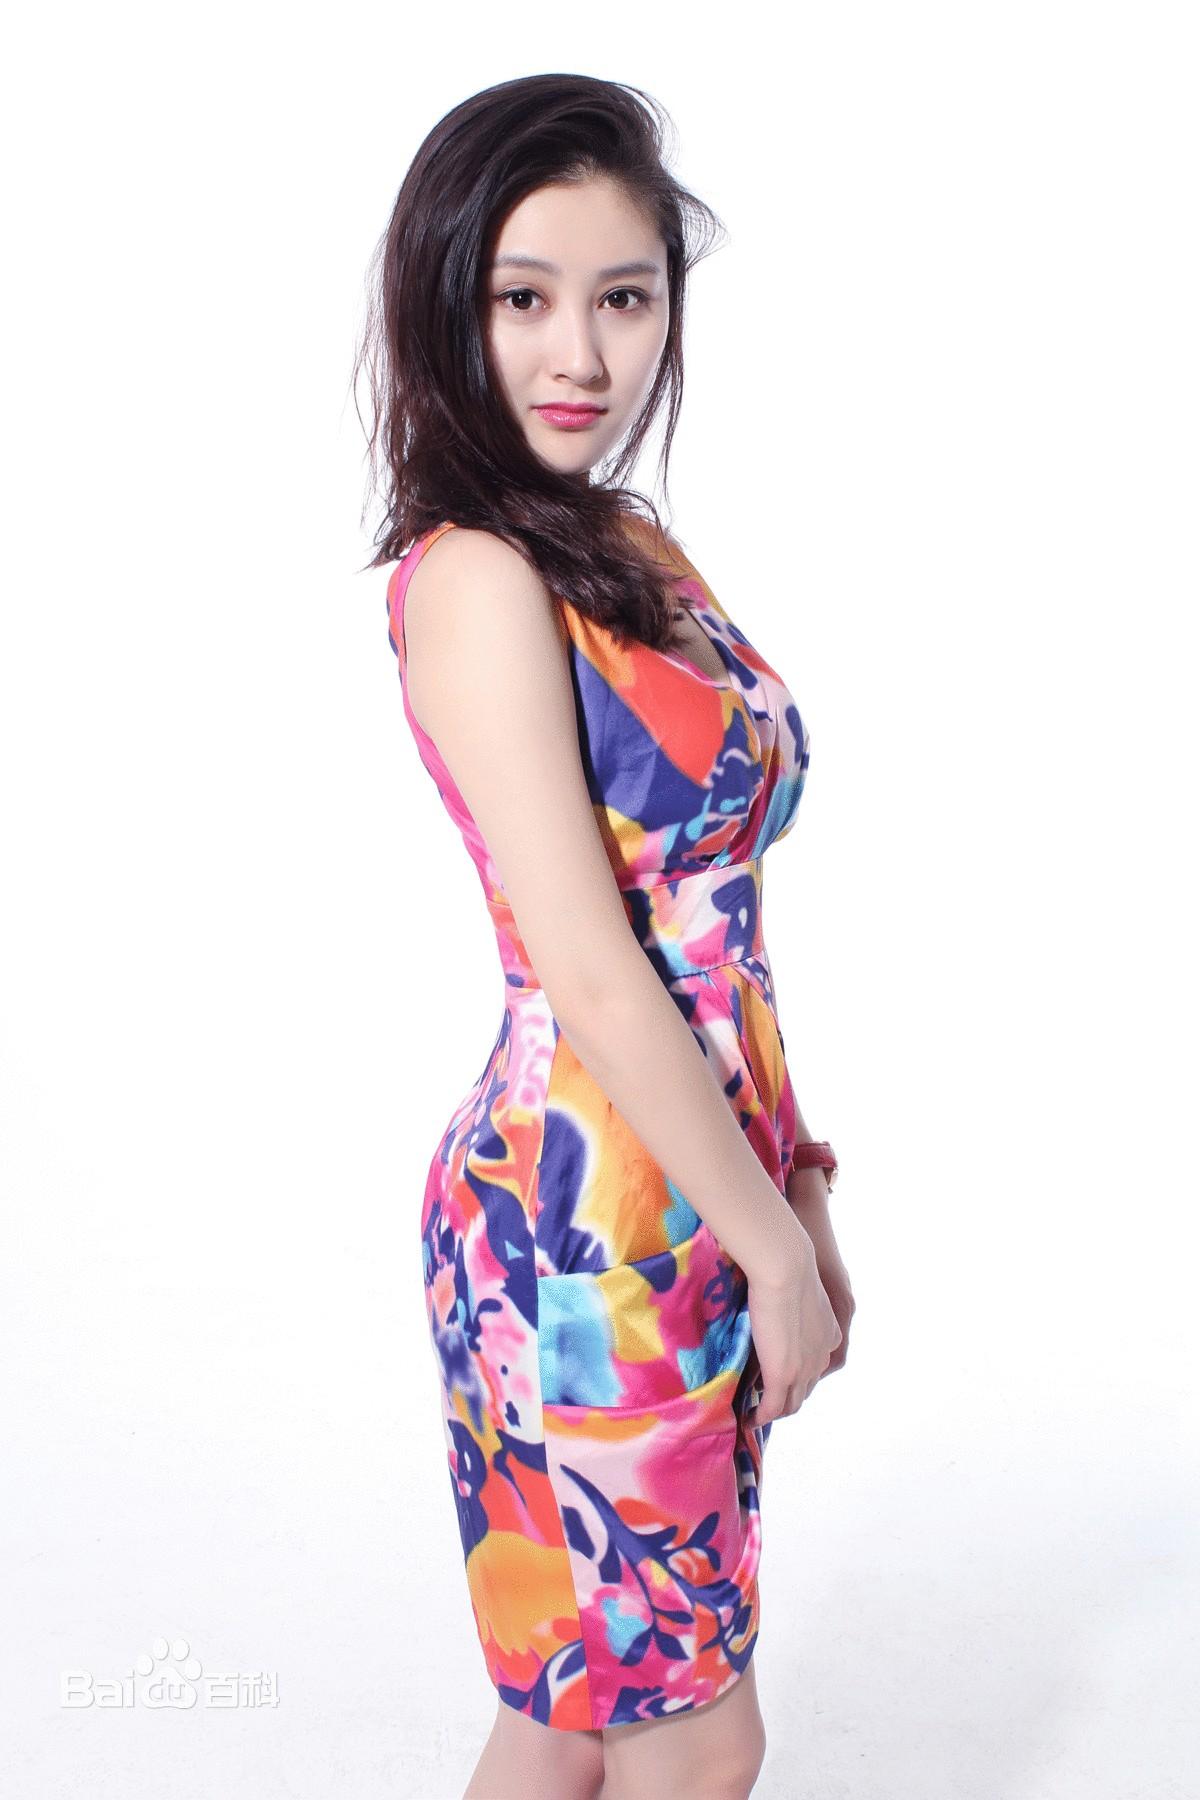 刘安琪,就读于中央戏剧学院,以纯真可人的外表被选中出演《飞虎出征》